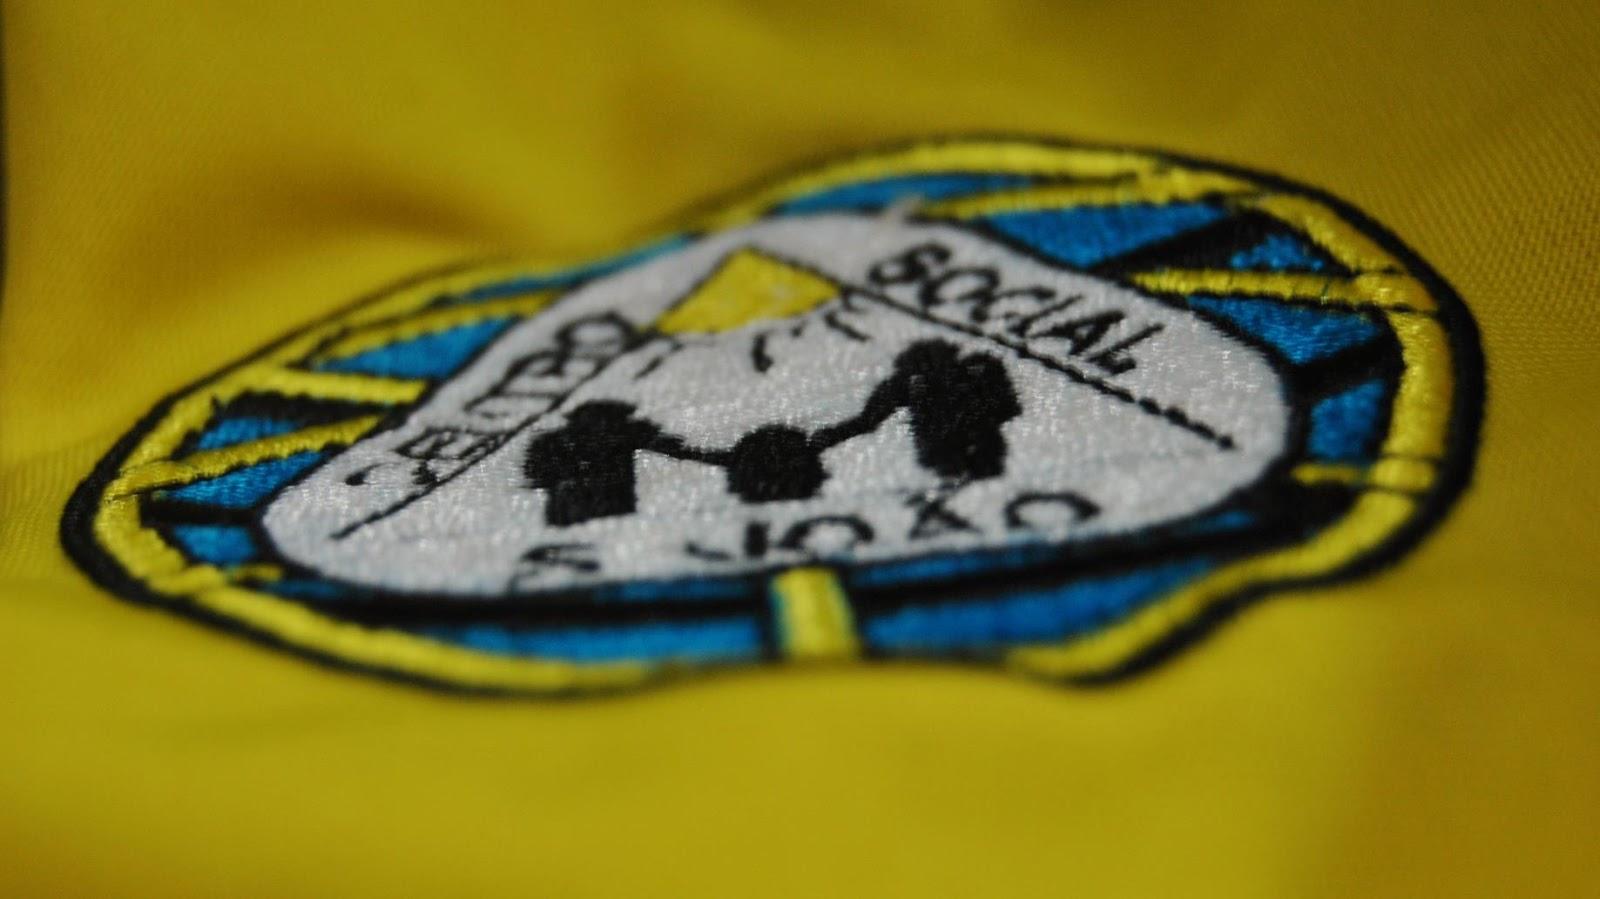 38e6a8ad41e67 Depois do futsal-coimbra.blogspot.com ter divulgado aqui a informação  relativa à Associação Granja do Ulmeiro CDR Grupo Desportivo Ulmeirense  hoje ...